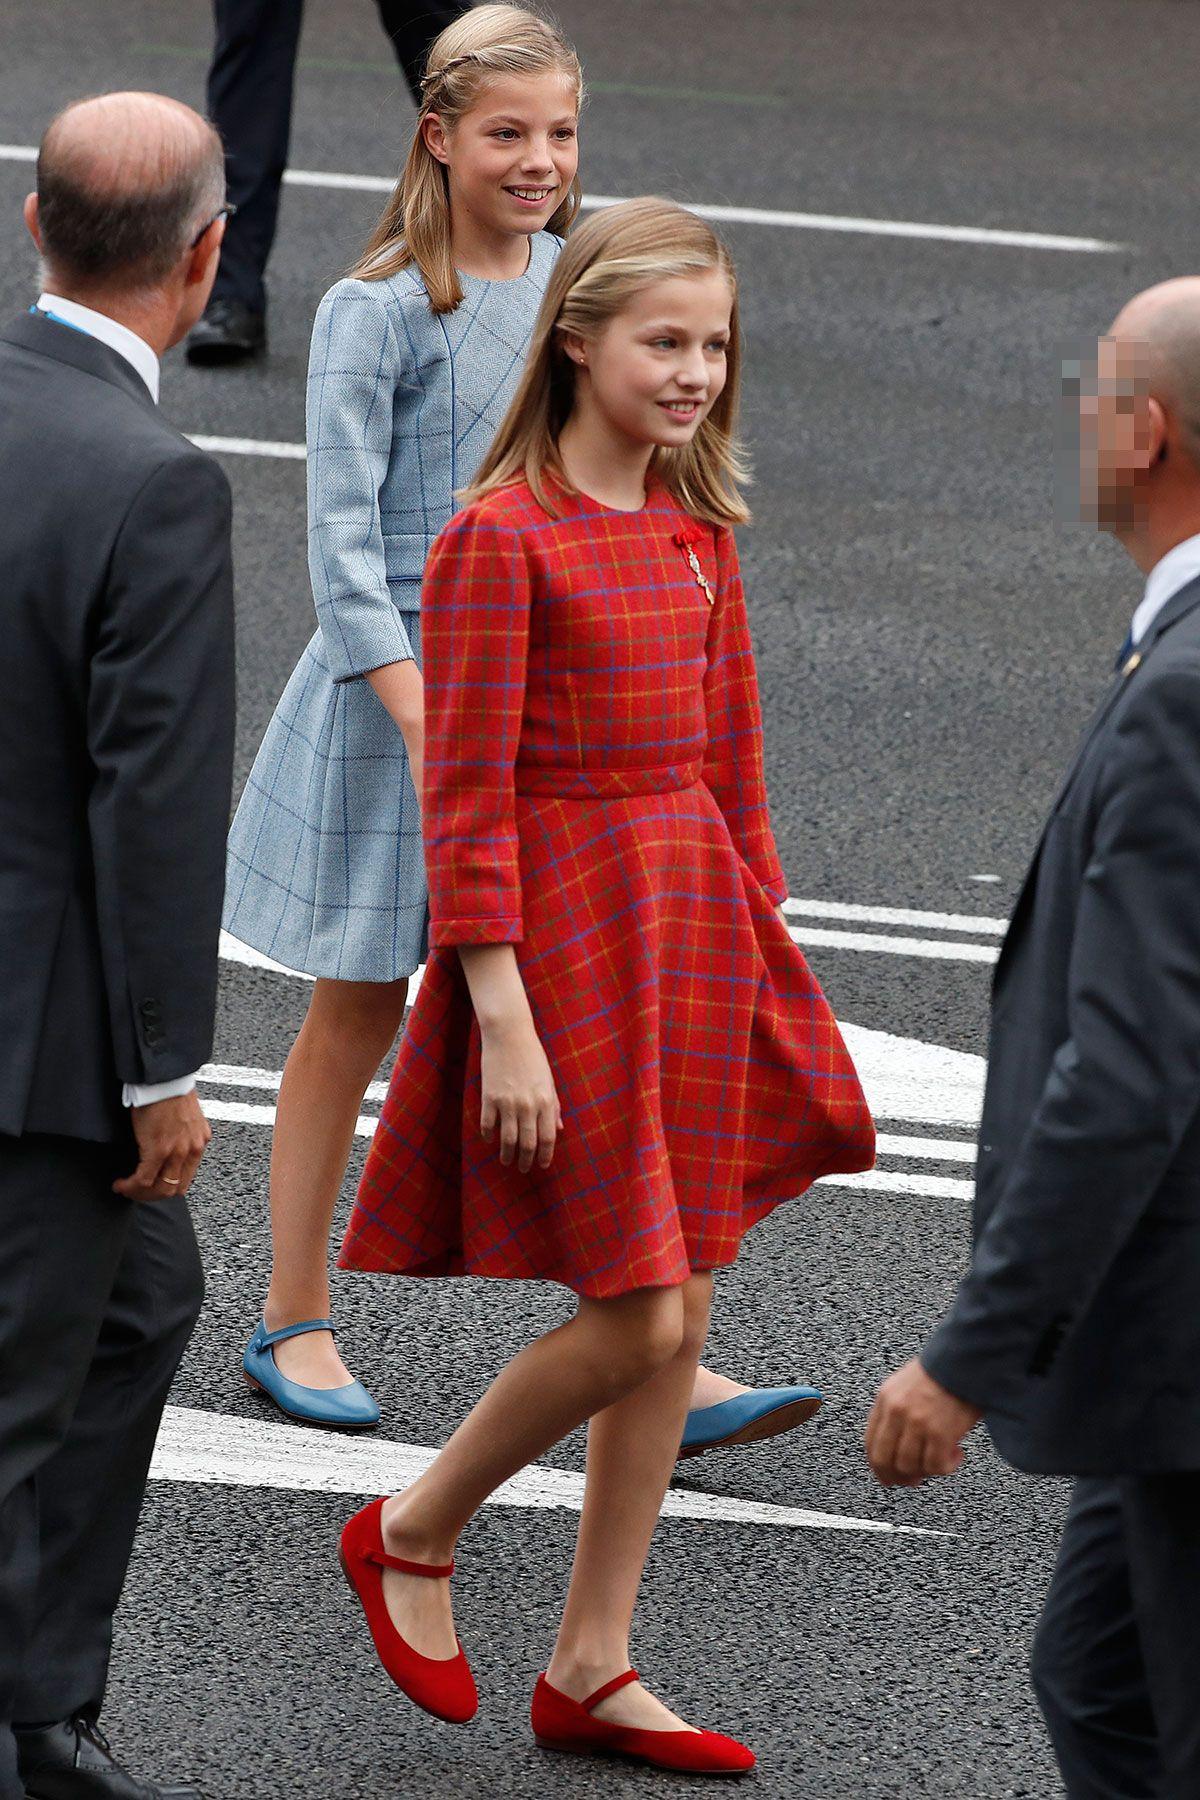 Ngoài tông xanh hoàng gia, công chúa tuổi teen cũng thích trang phục màu đỏ giúp tôn lên vẻ đẹp trẻ trung, tươi tắn.